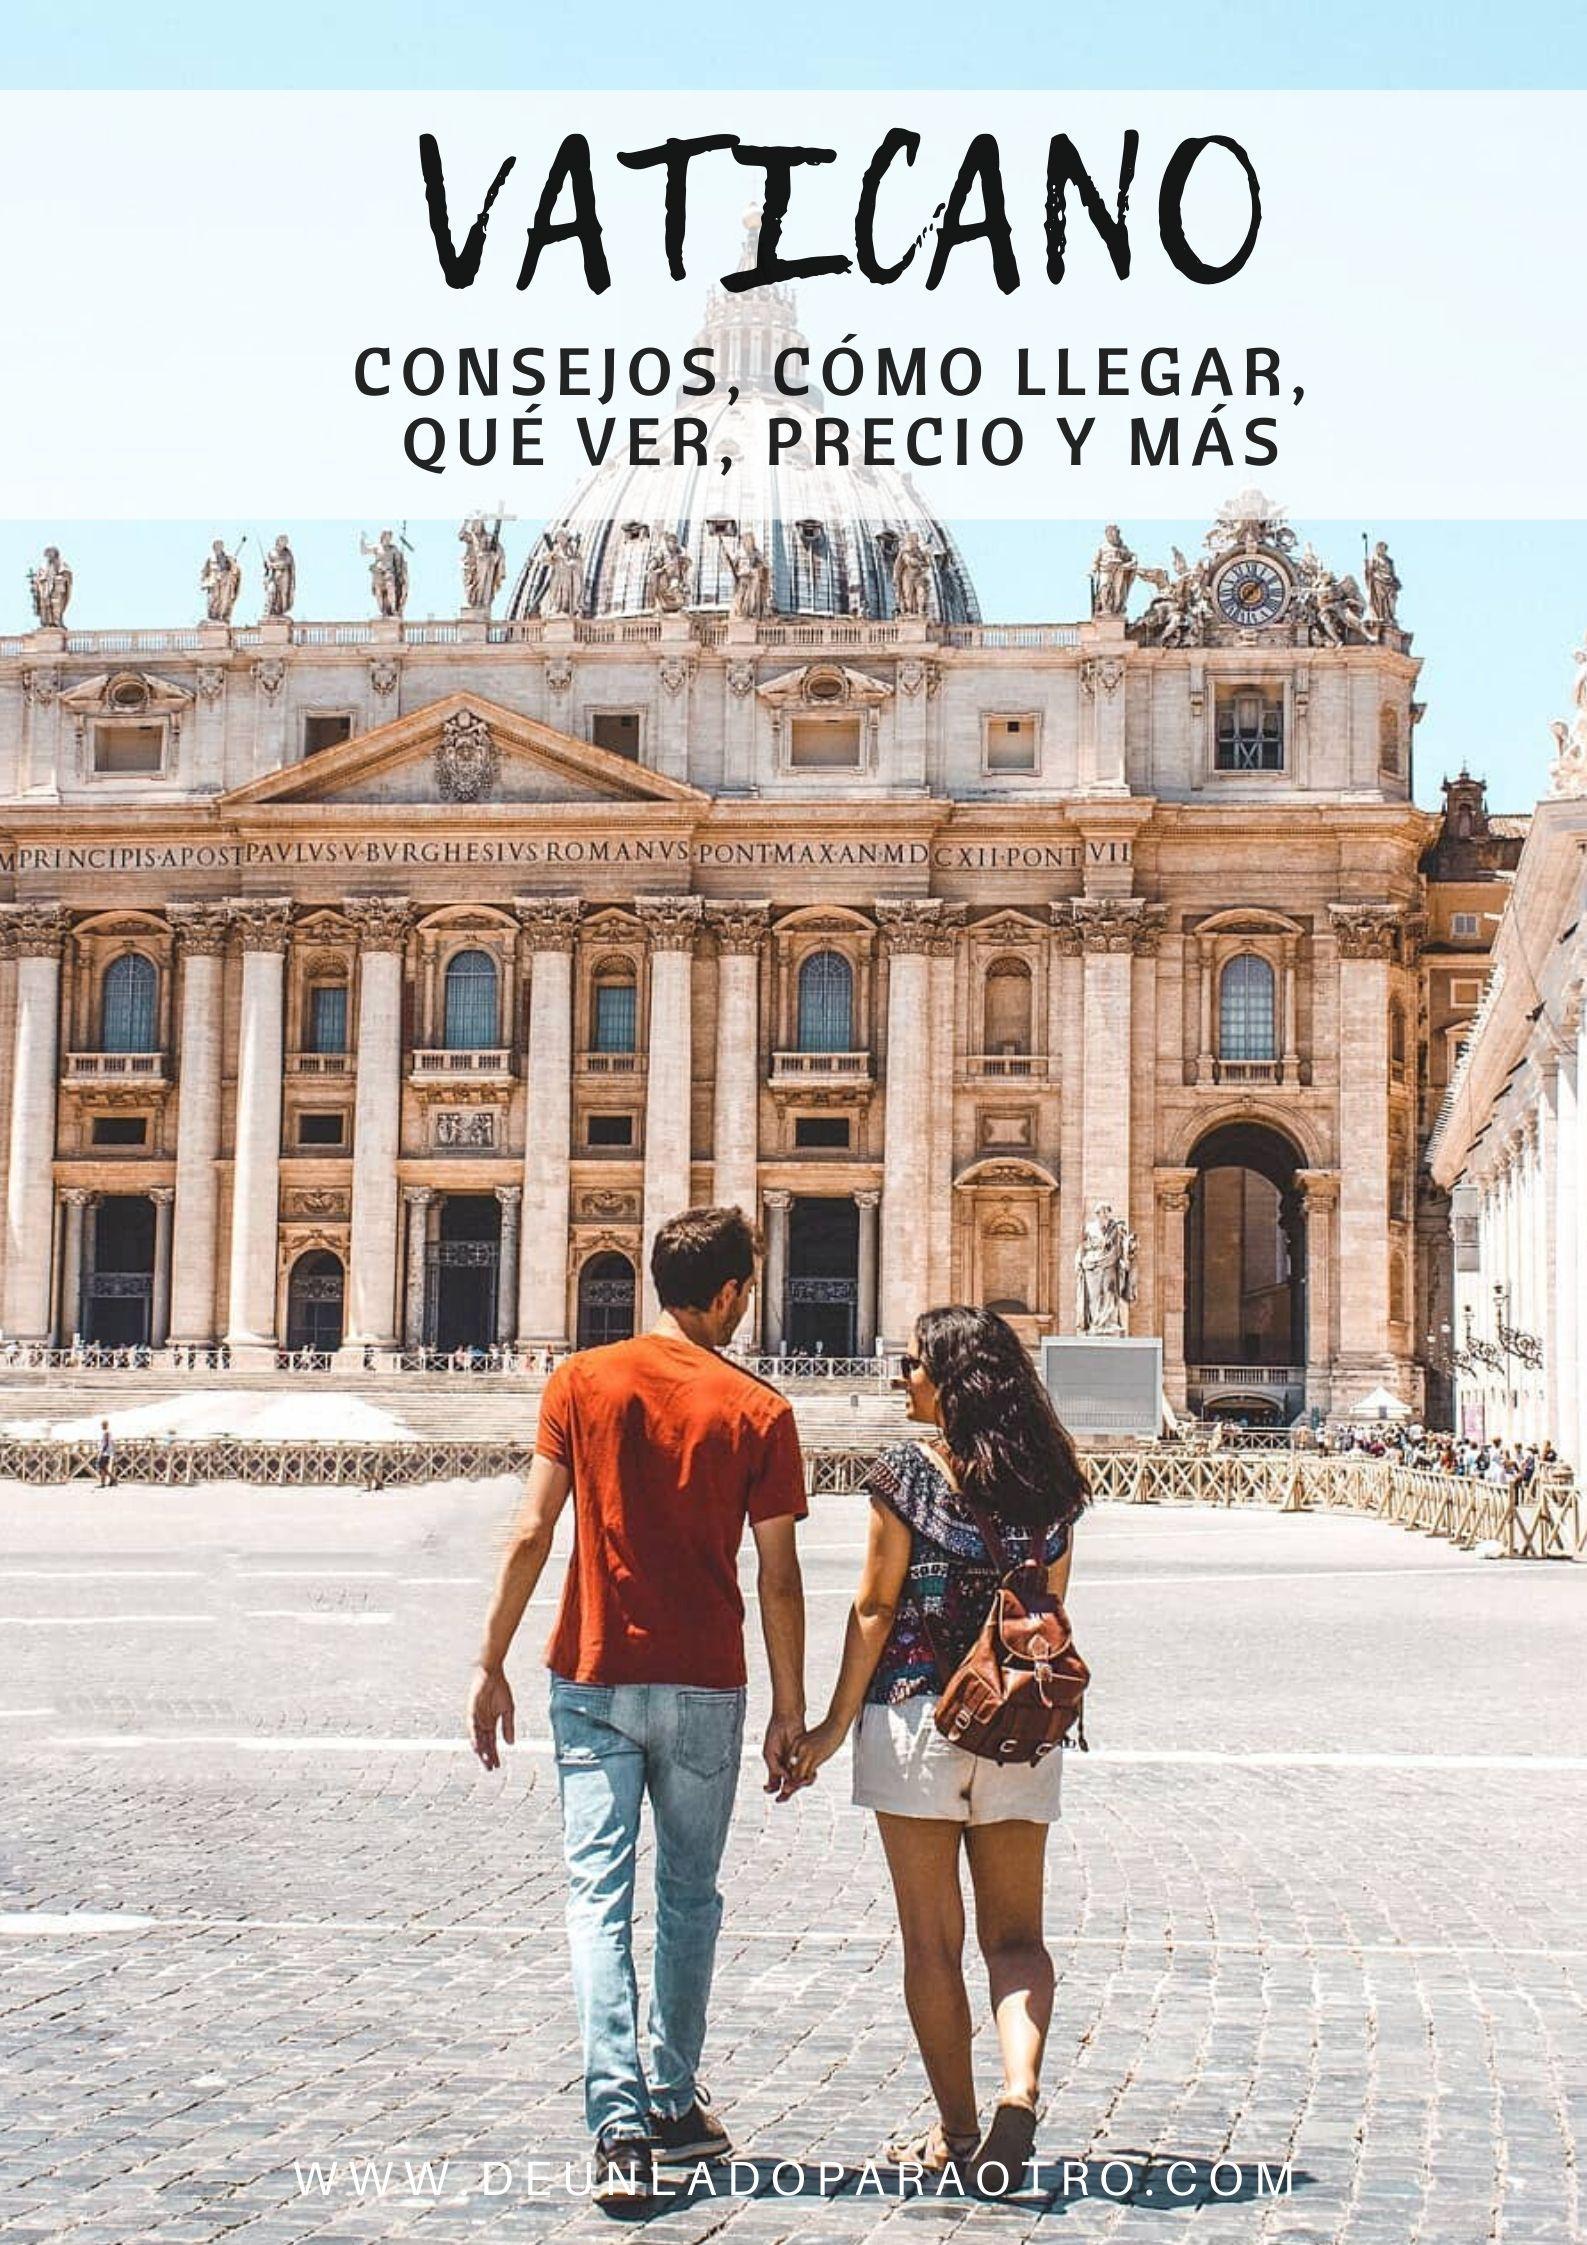 El Vaticano Consejos Cómo Llegar Horario Entradas Y Más Vaticano Castillo Sant Angelo Guia De Viaje